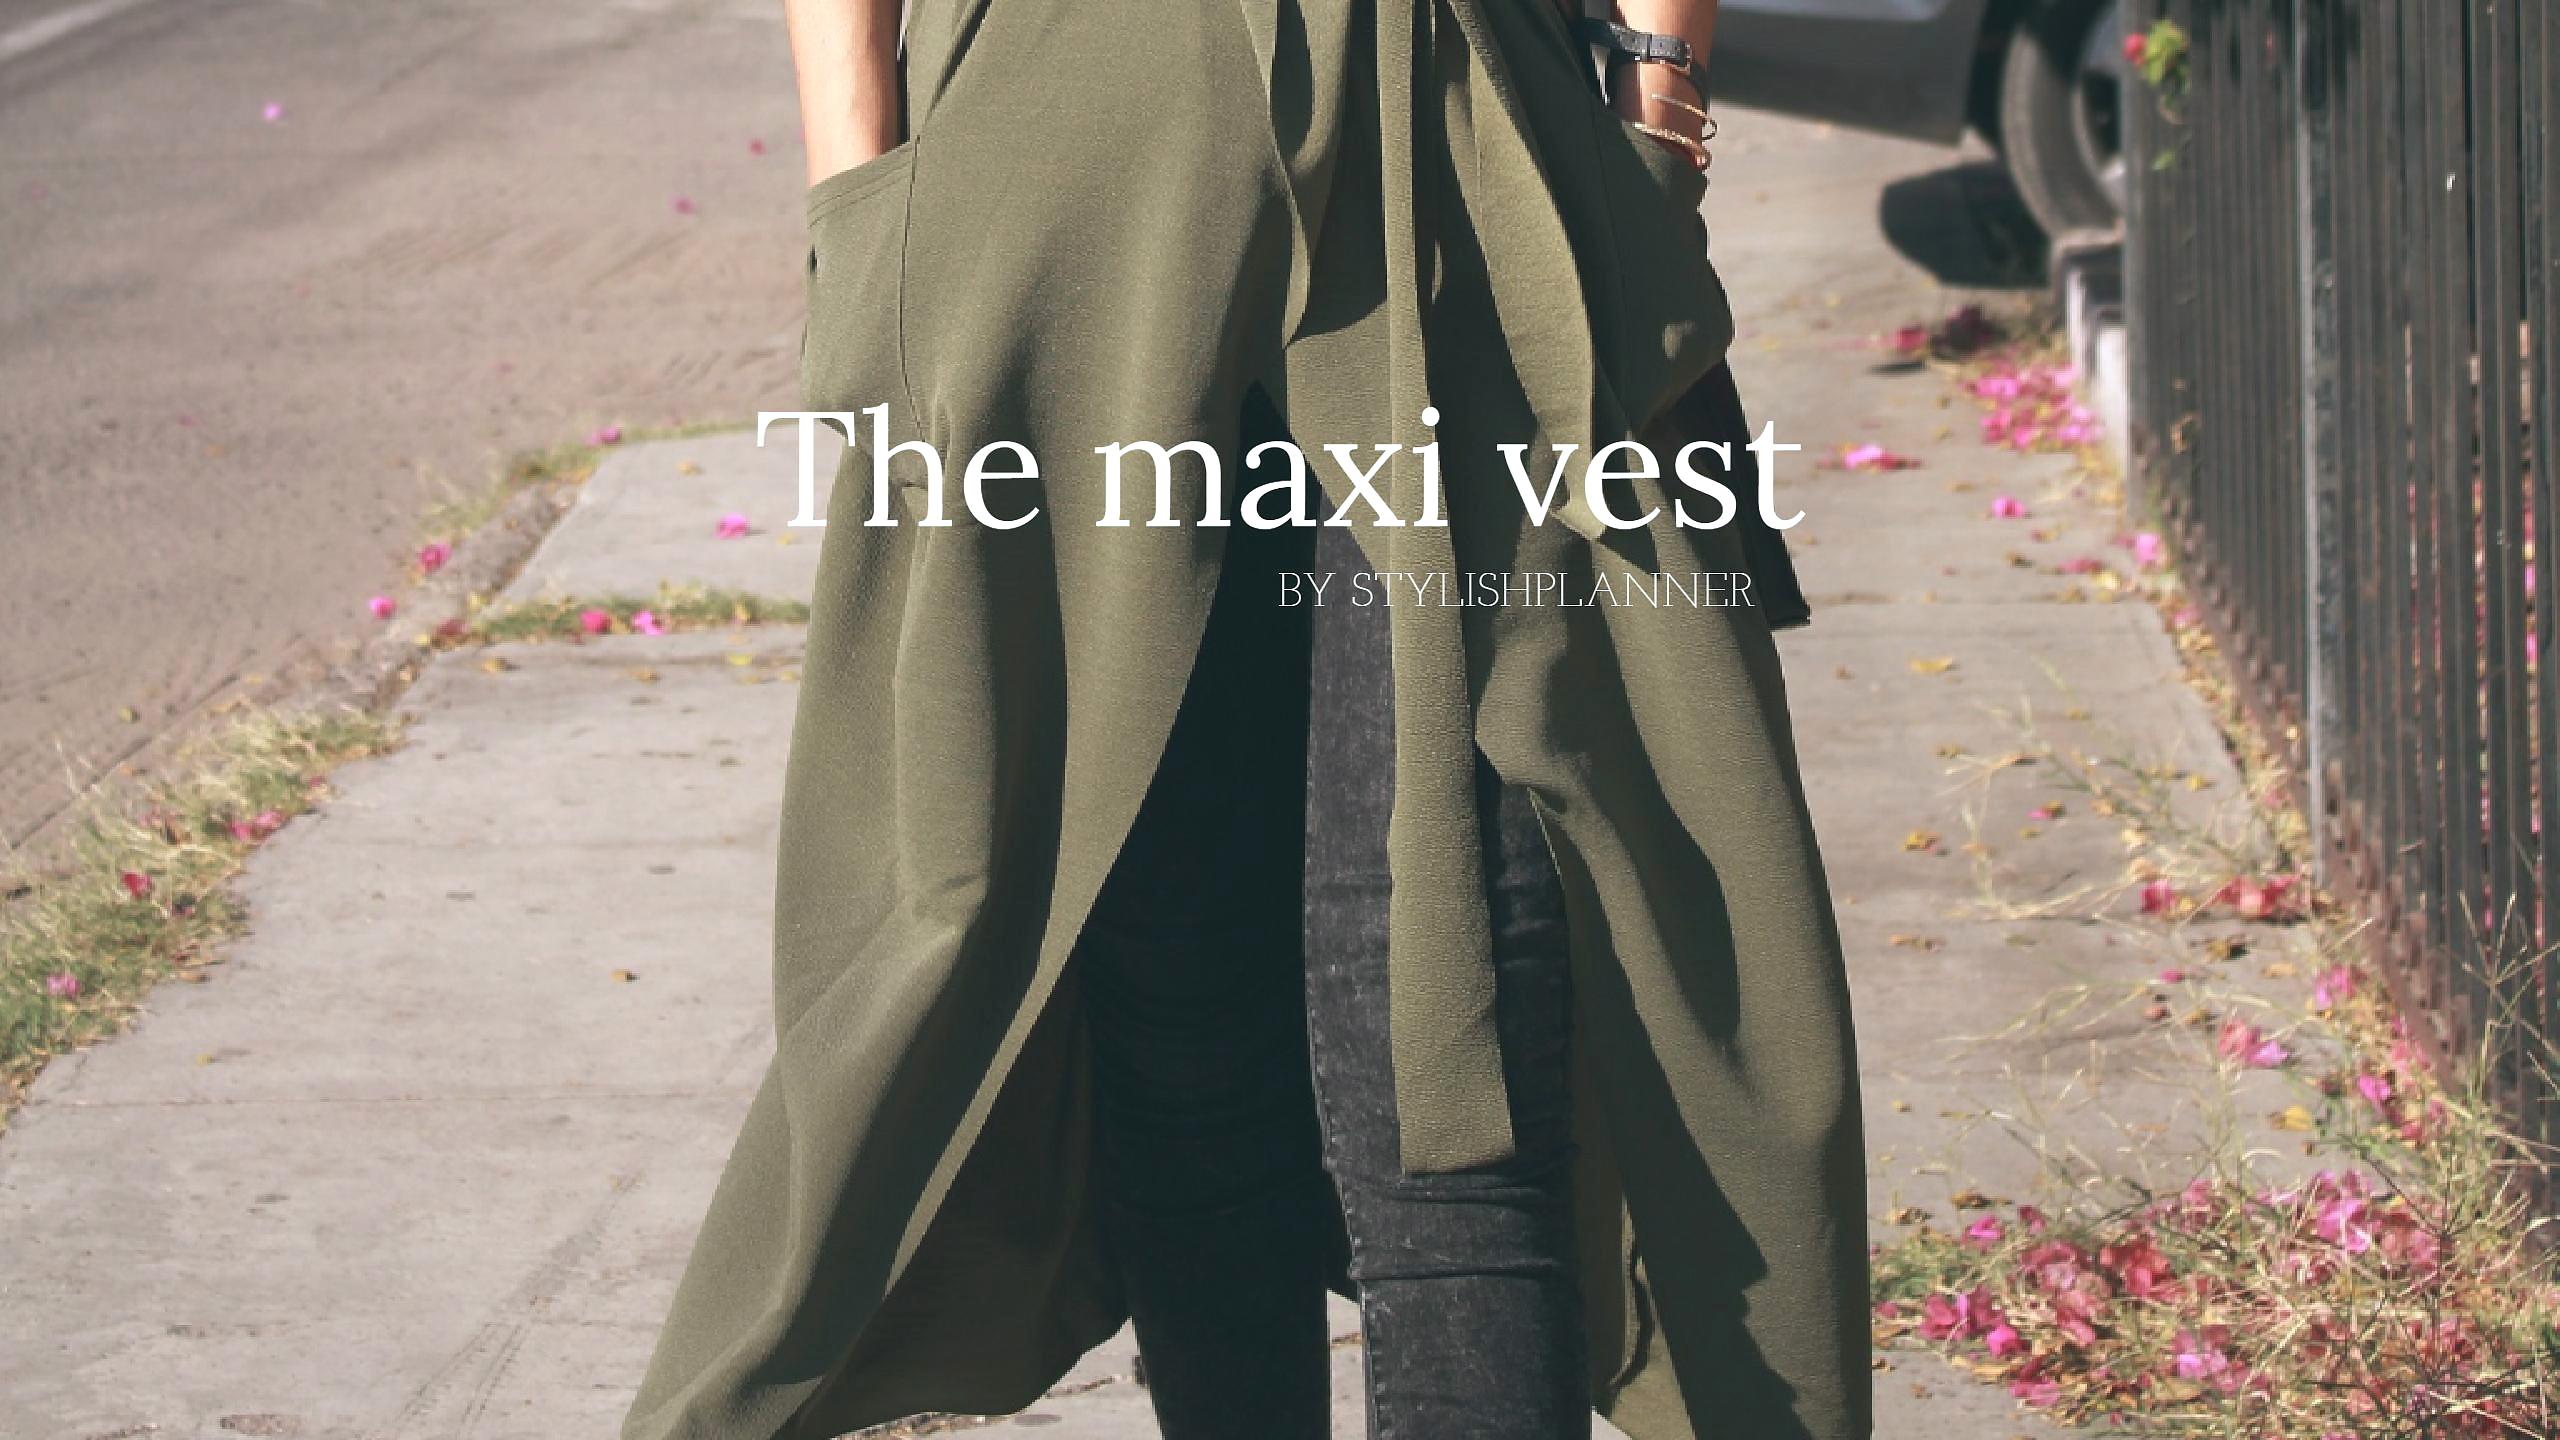 Maxi vest